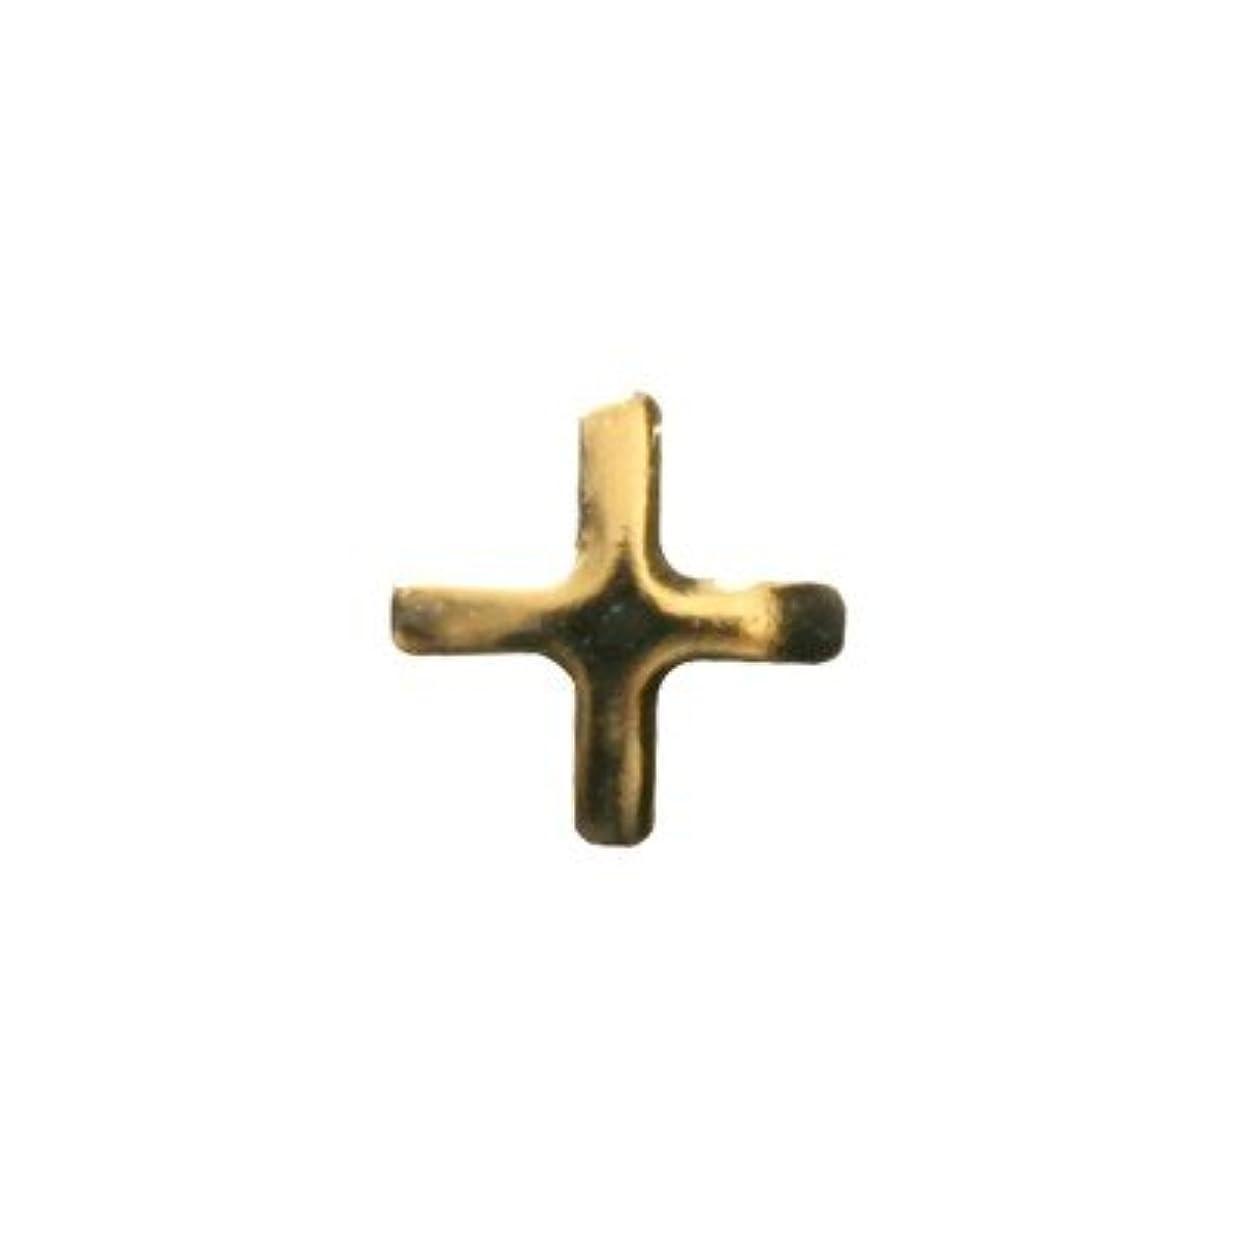 ソケット引数信頼性のあるピアドラ スタッズ クロスレット ハーフ 3mm 50P ゴールド